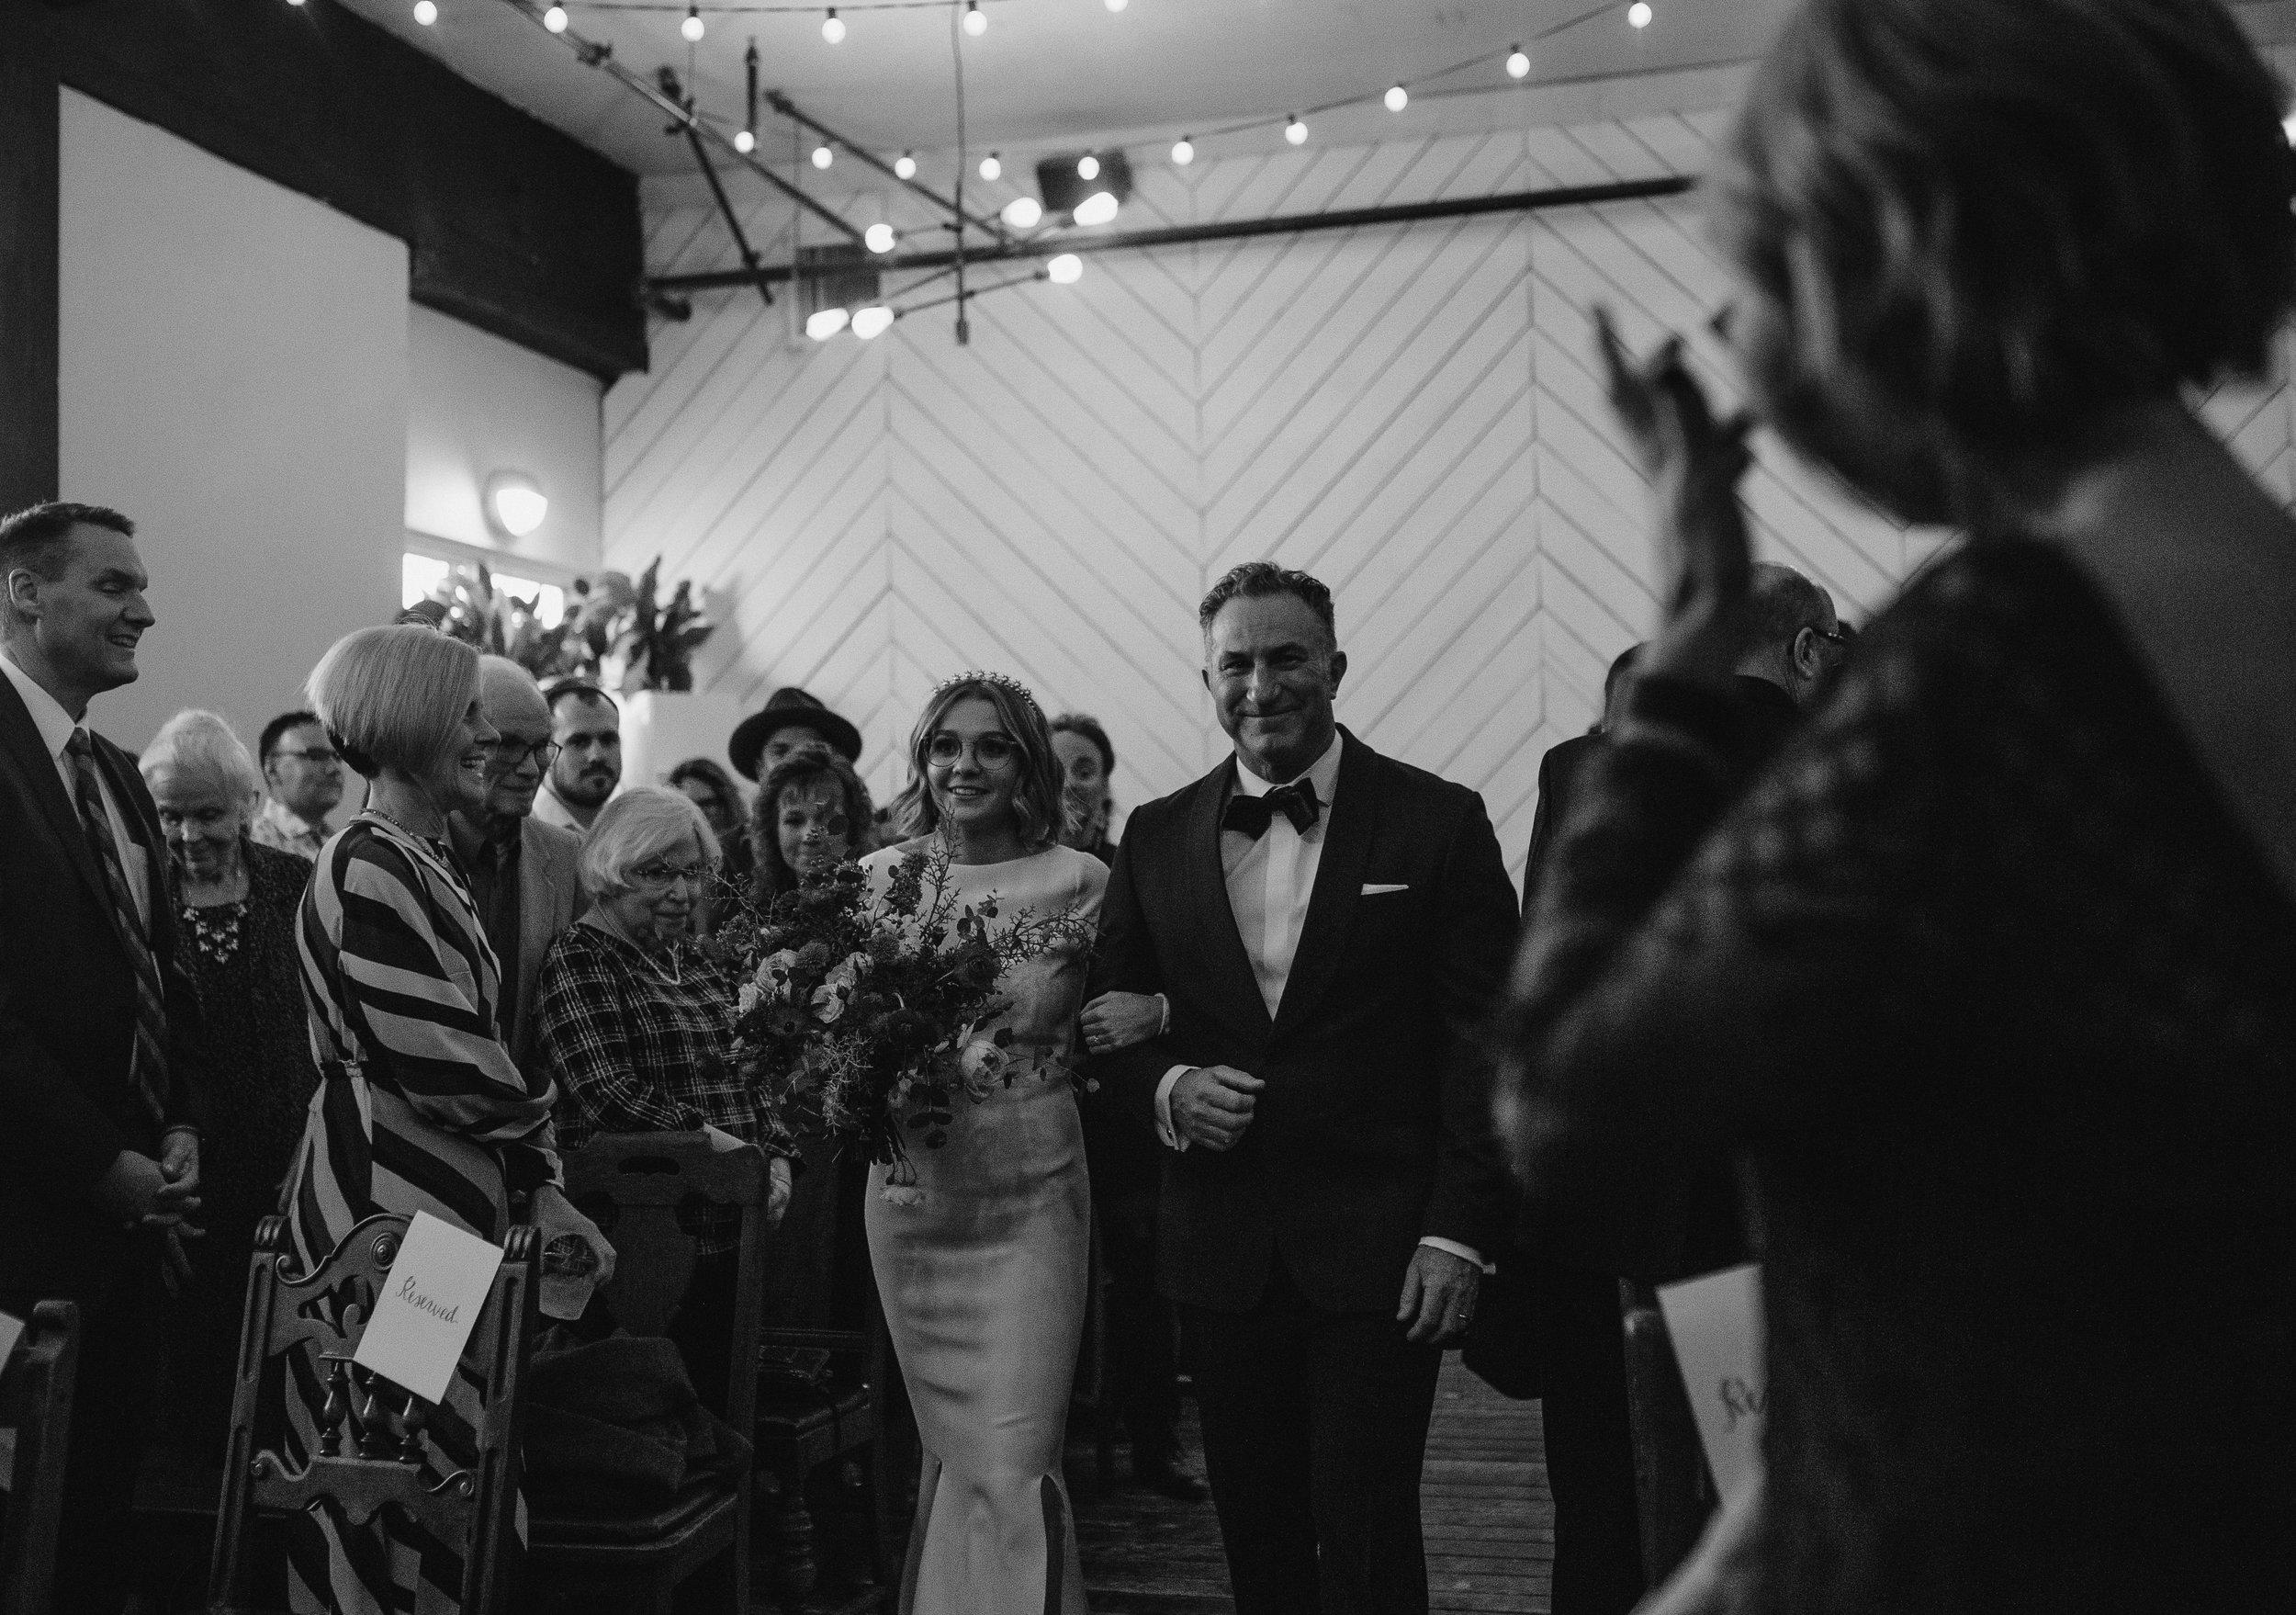 Union/Pine wedding ceremony